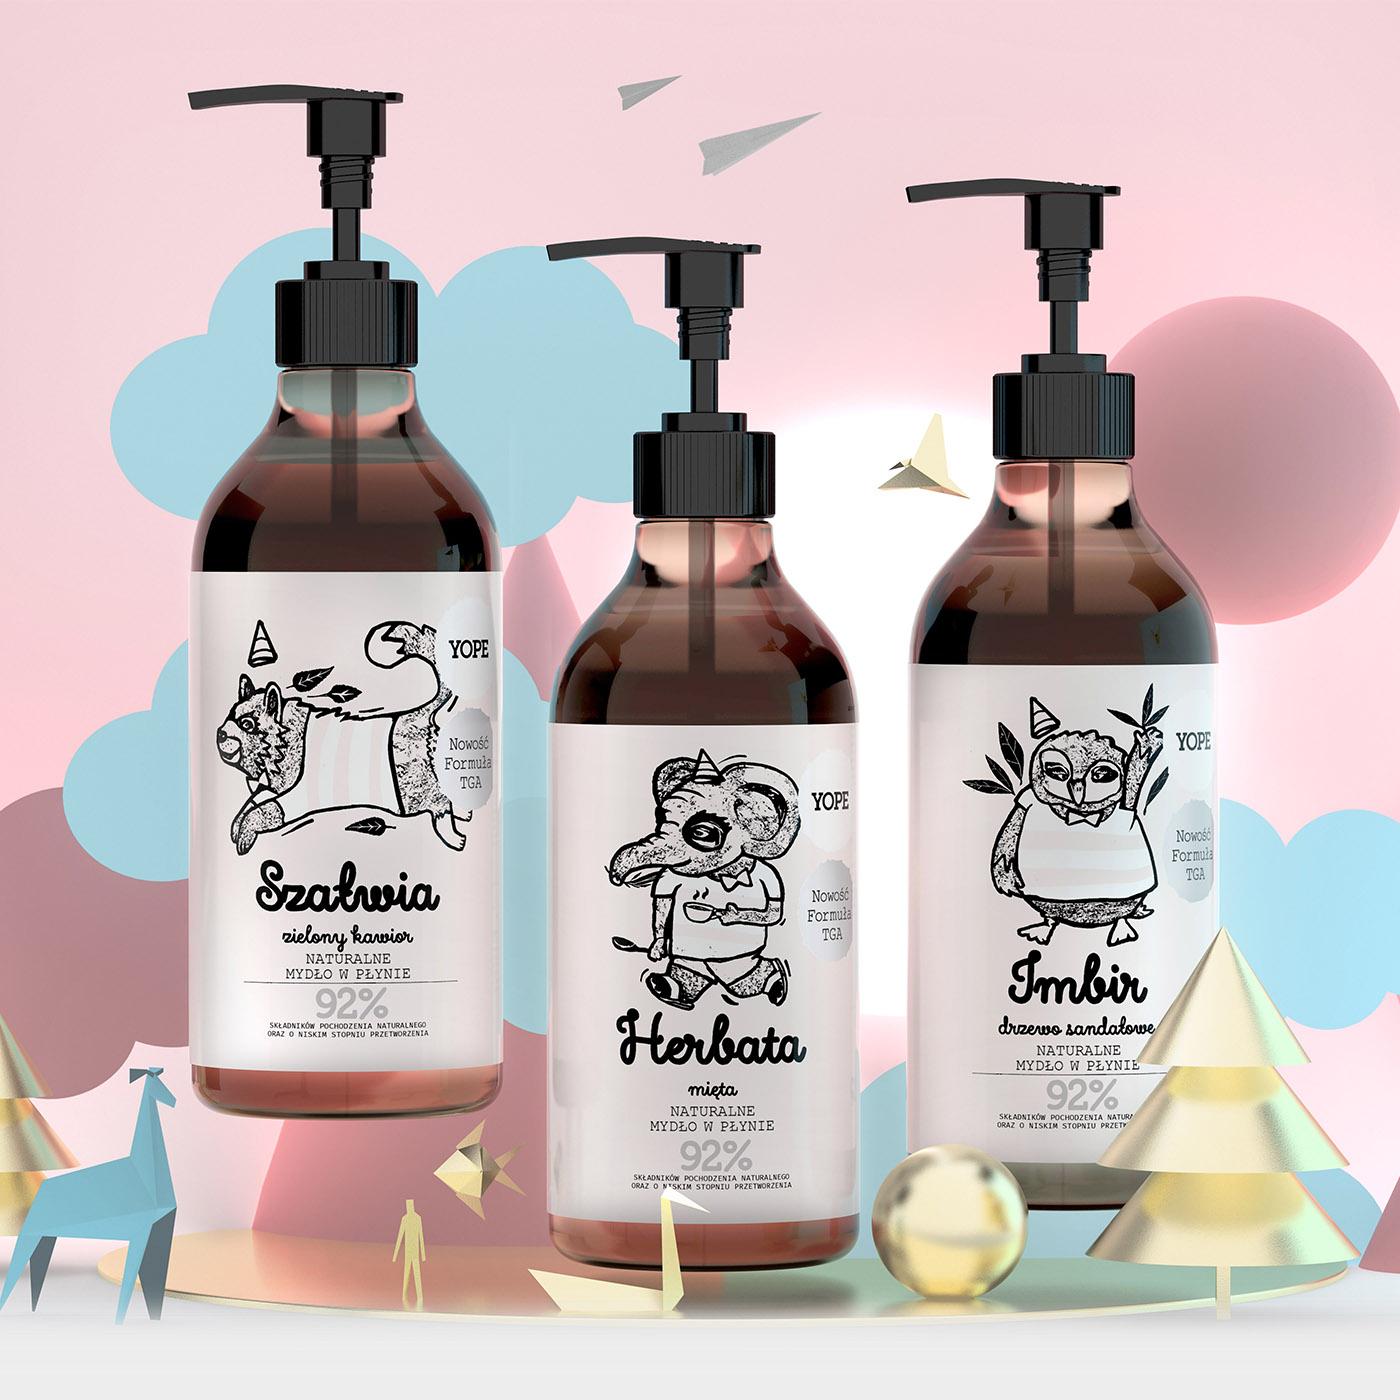 Naturalne mydła w płyniebezSLES, SLS, parabenów, silikonów, barwników